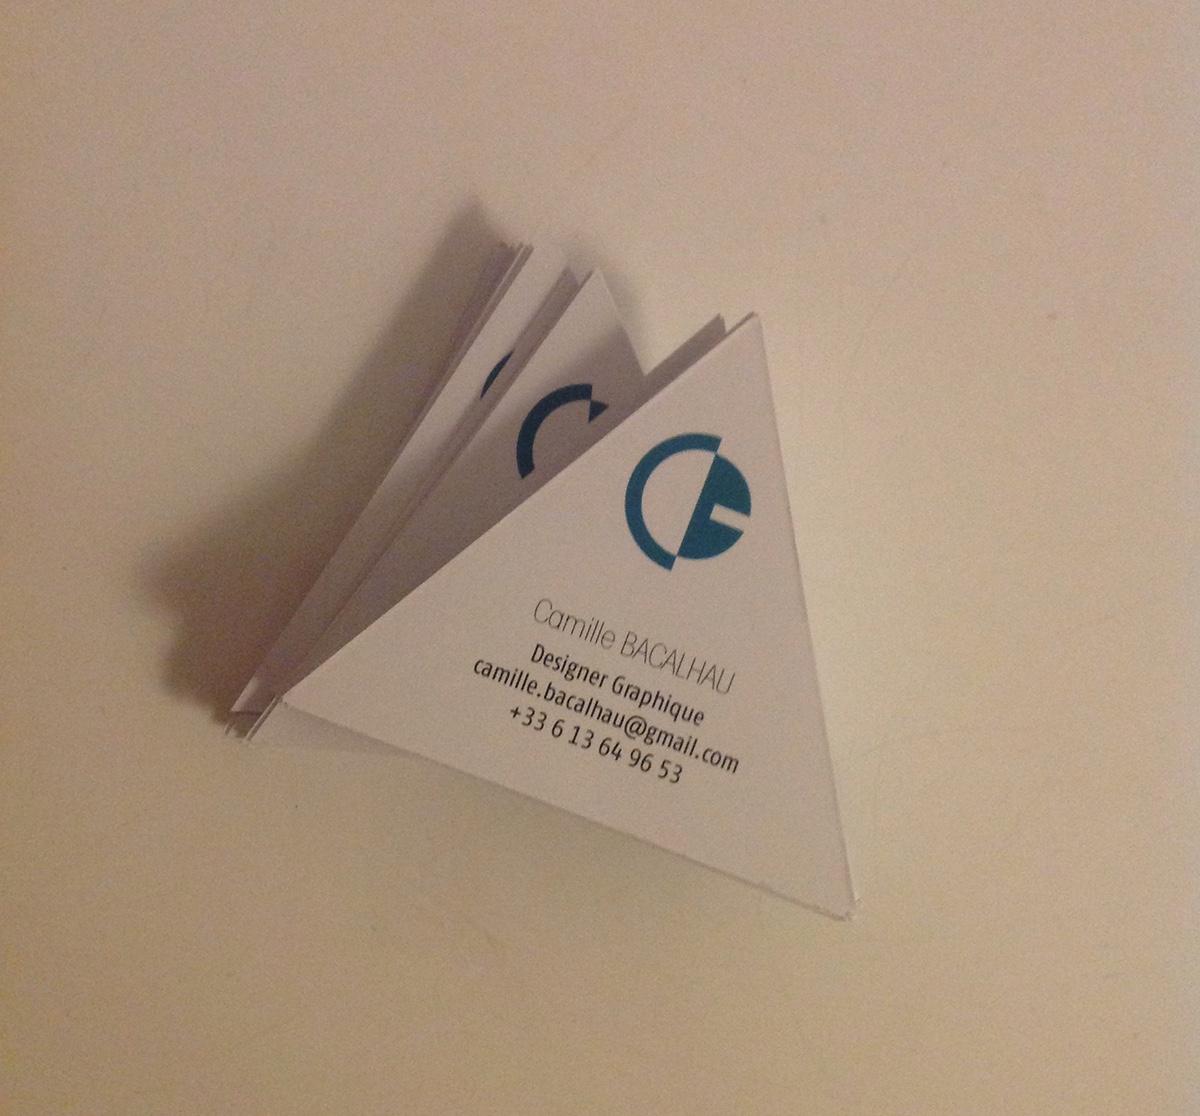 La Suite Creer Une Carte De Visite En Parallele Nous Devions Concevoir Boite Pouvant Contenir 50 Nos Cartes Sans Utiliser Colle